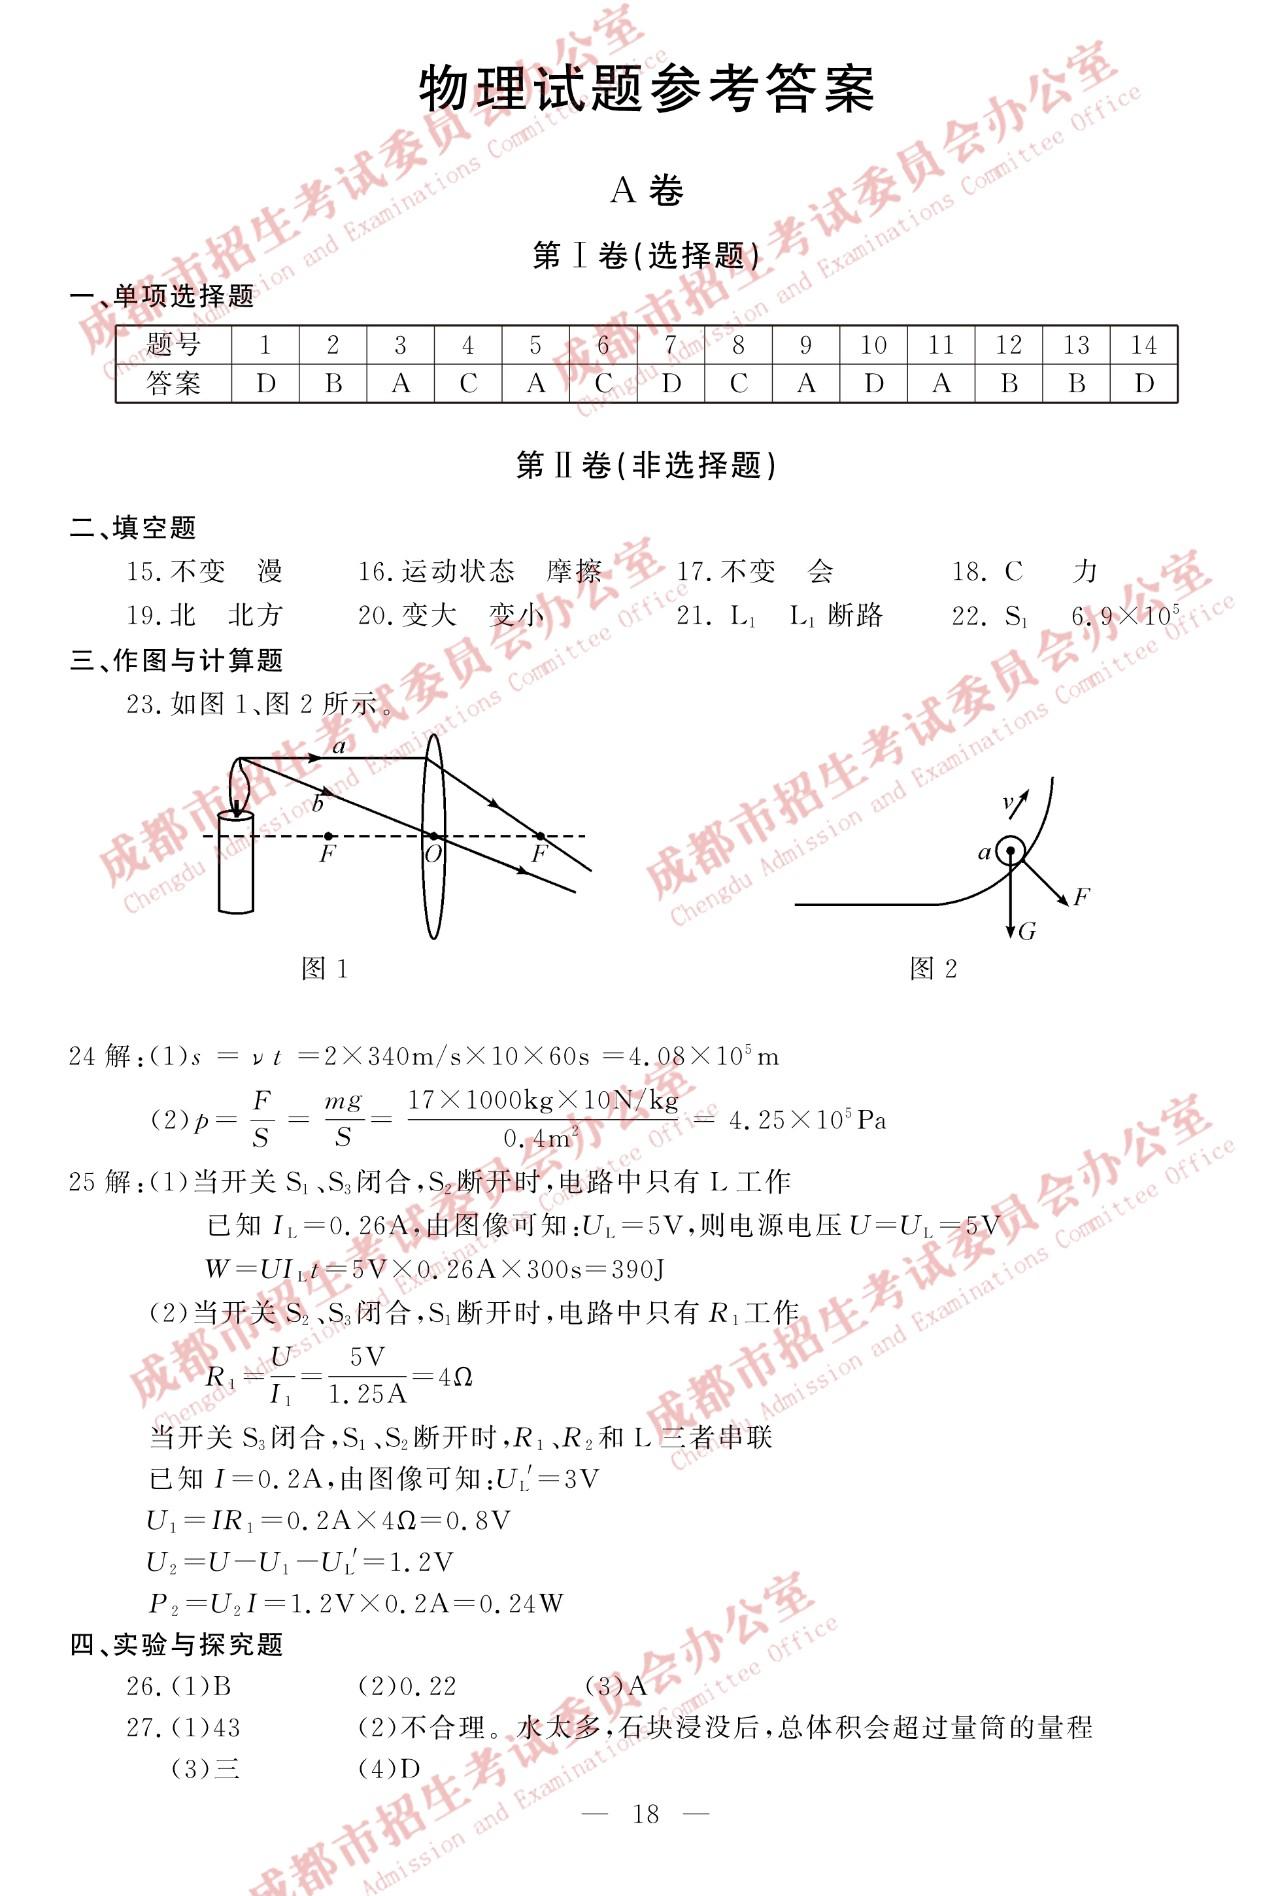 2019年四川成都中考物理真题参考答案